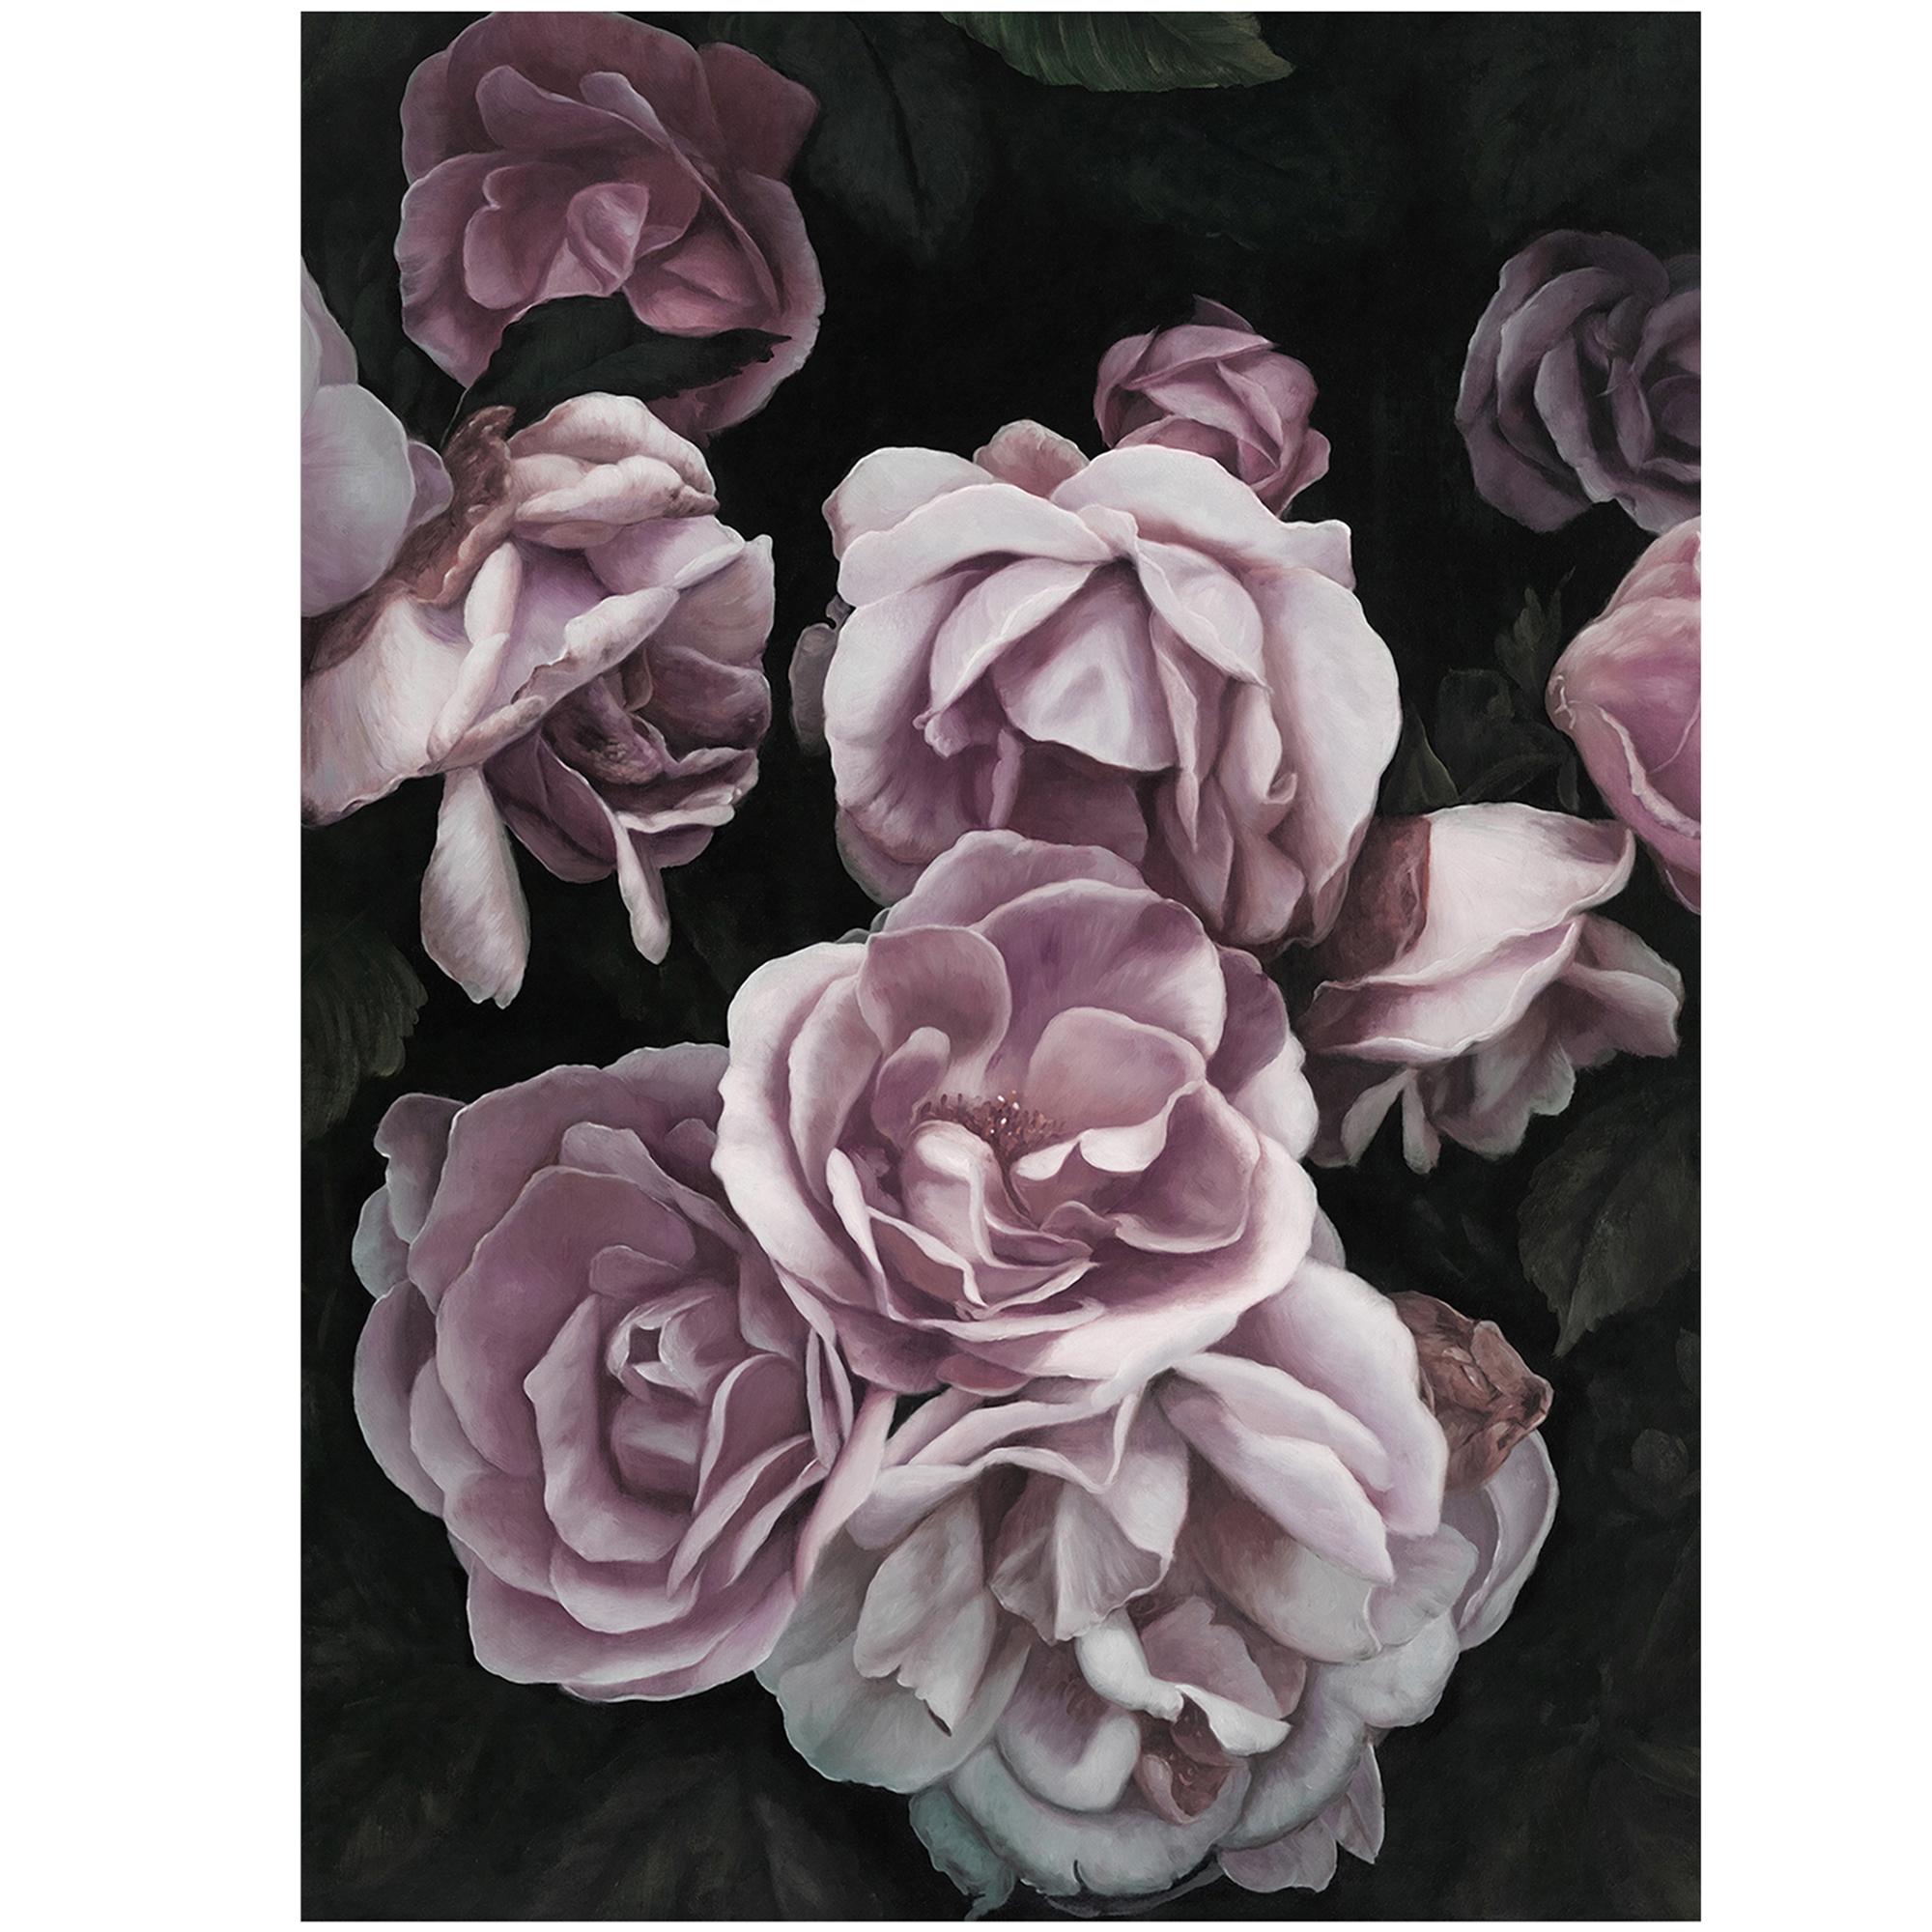 Mẫu tranh hoa hồng đẹp không khung, Tranh in canvas nhẹ, an toàn